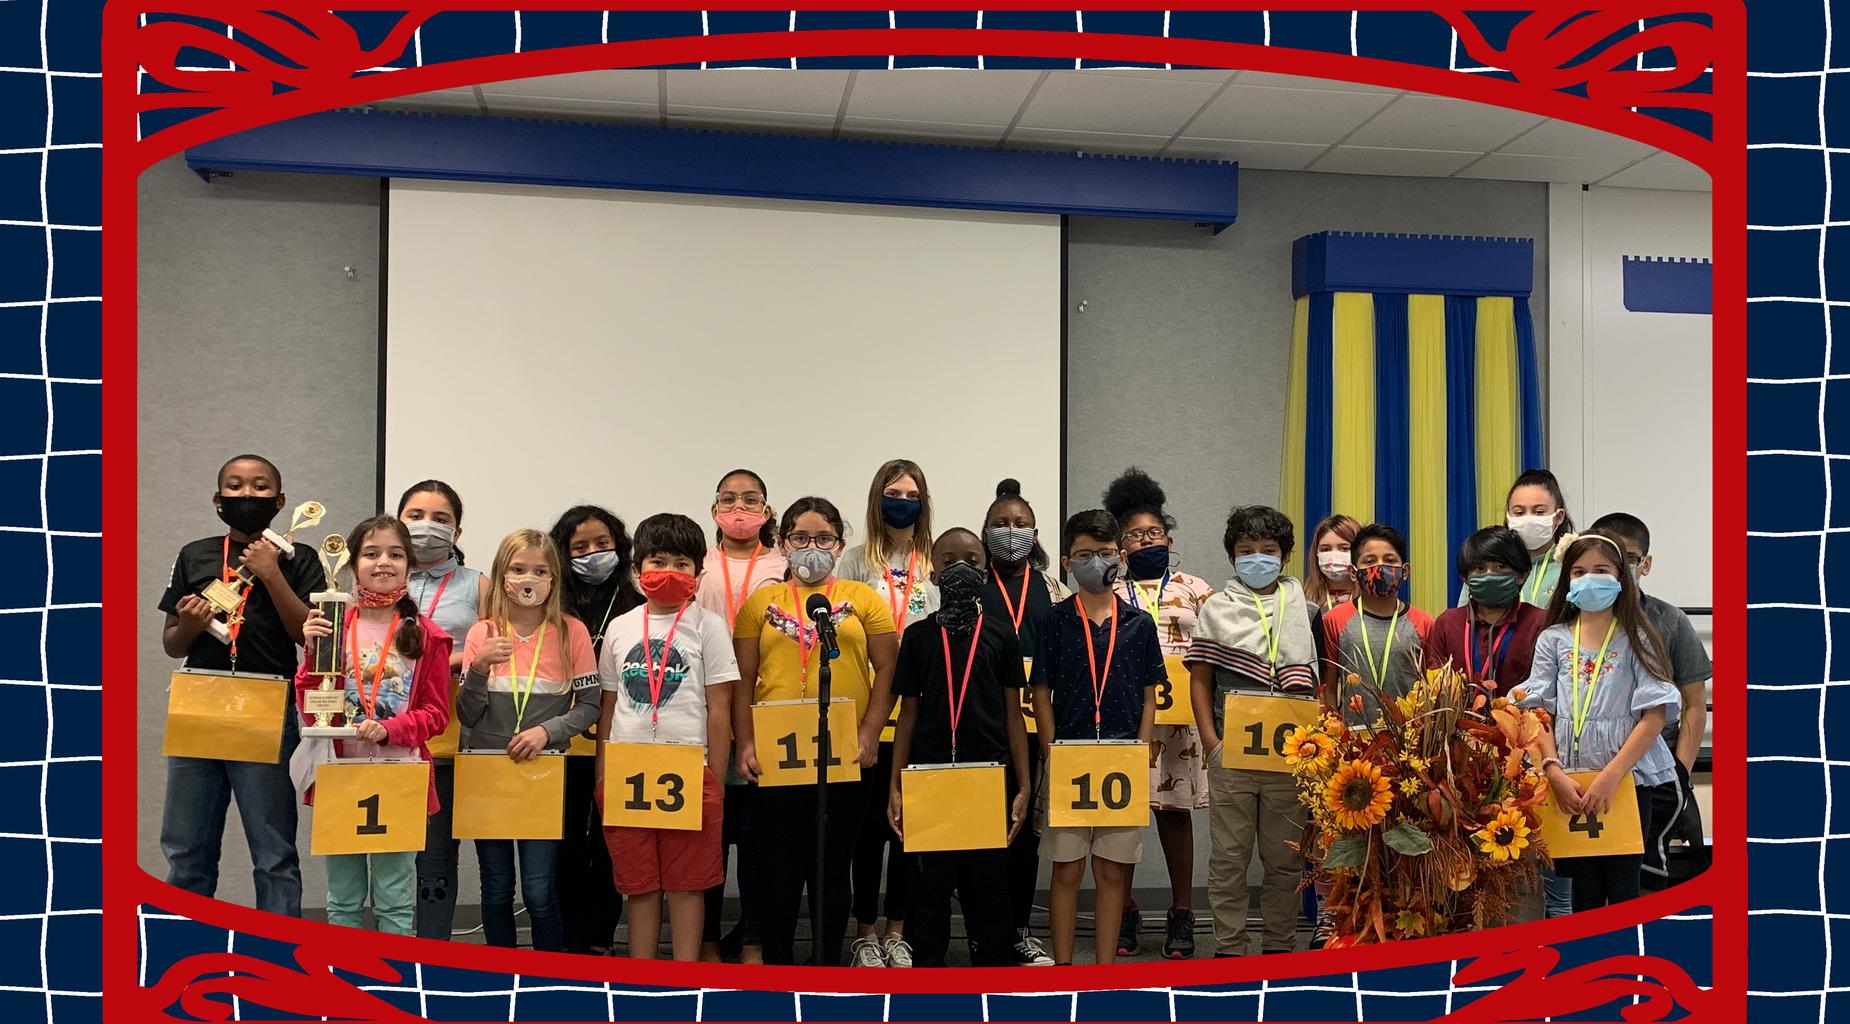 Spelling Bee Contestants